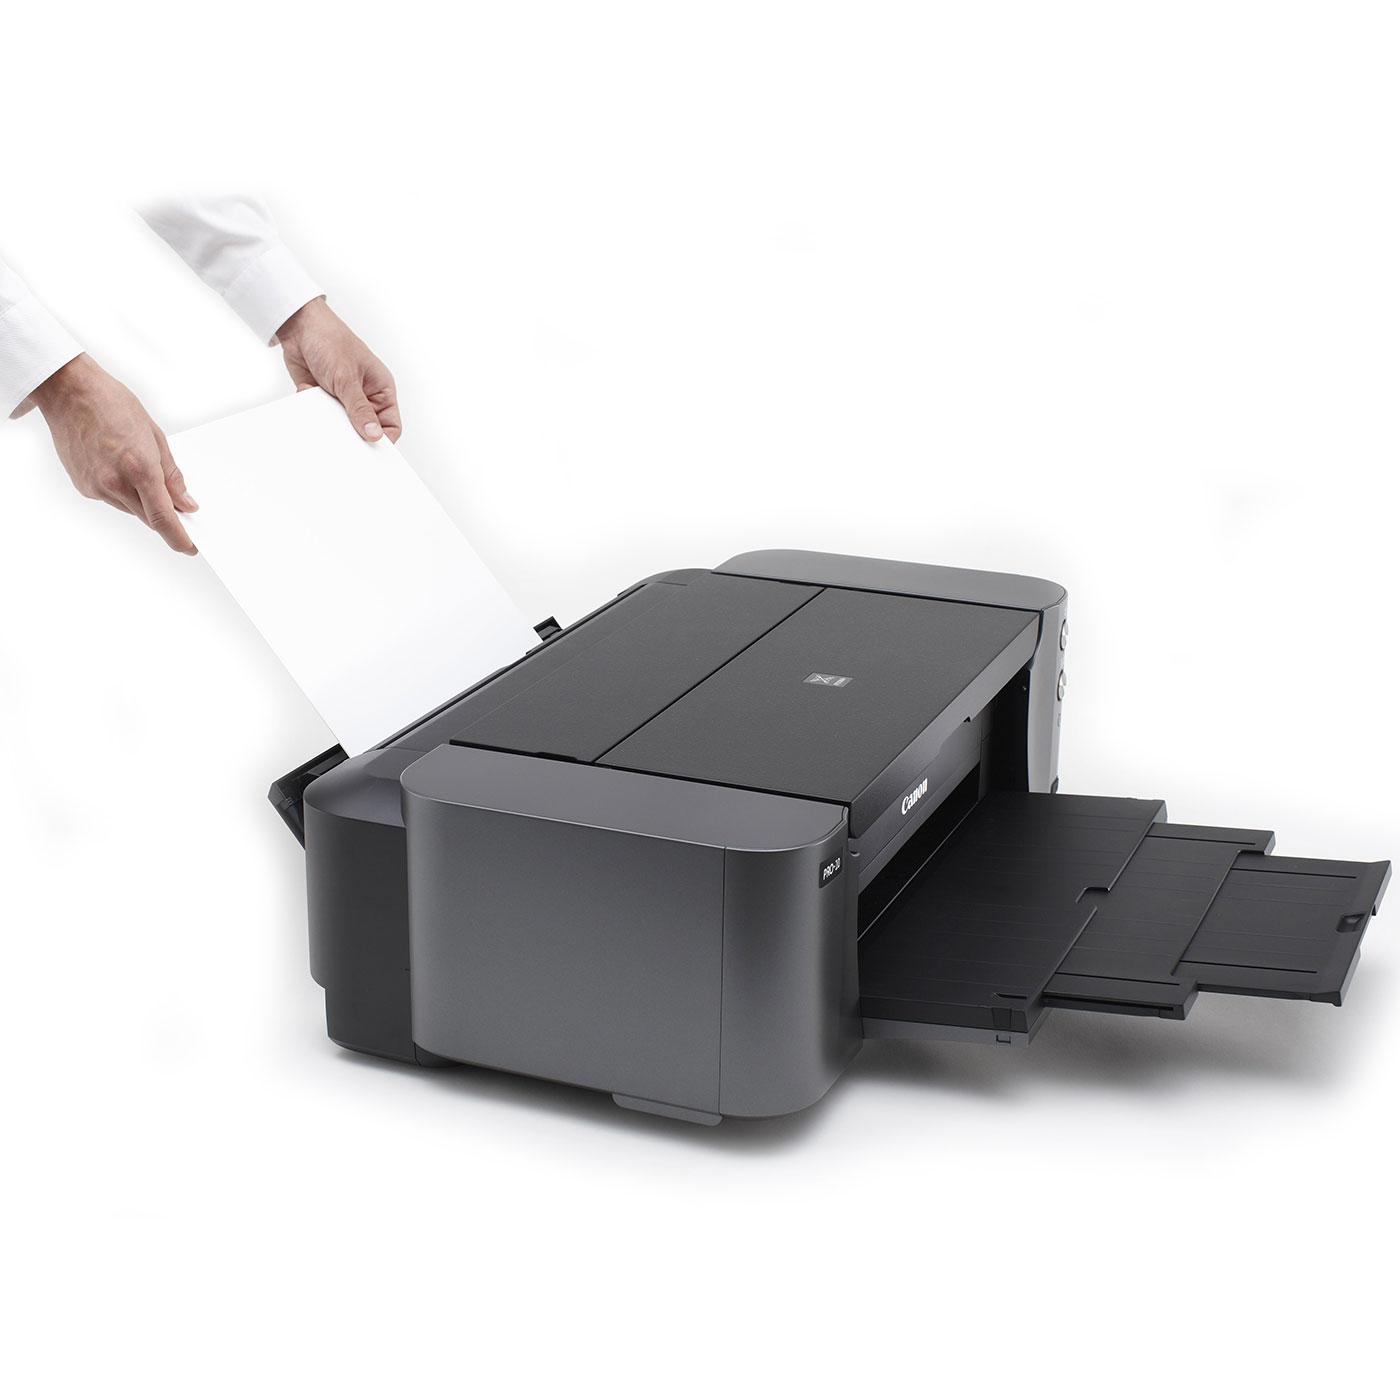 canon pixma pro 10 6227b009 achat vente imprimante jet d 39 encre sur. Black Bedroom Furniture Sets. Home Design Ideas